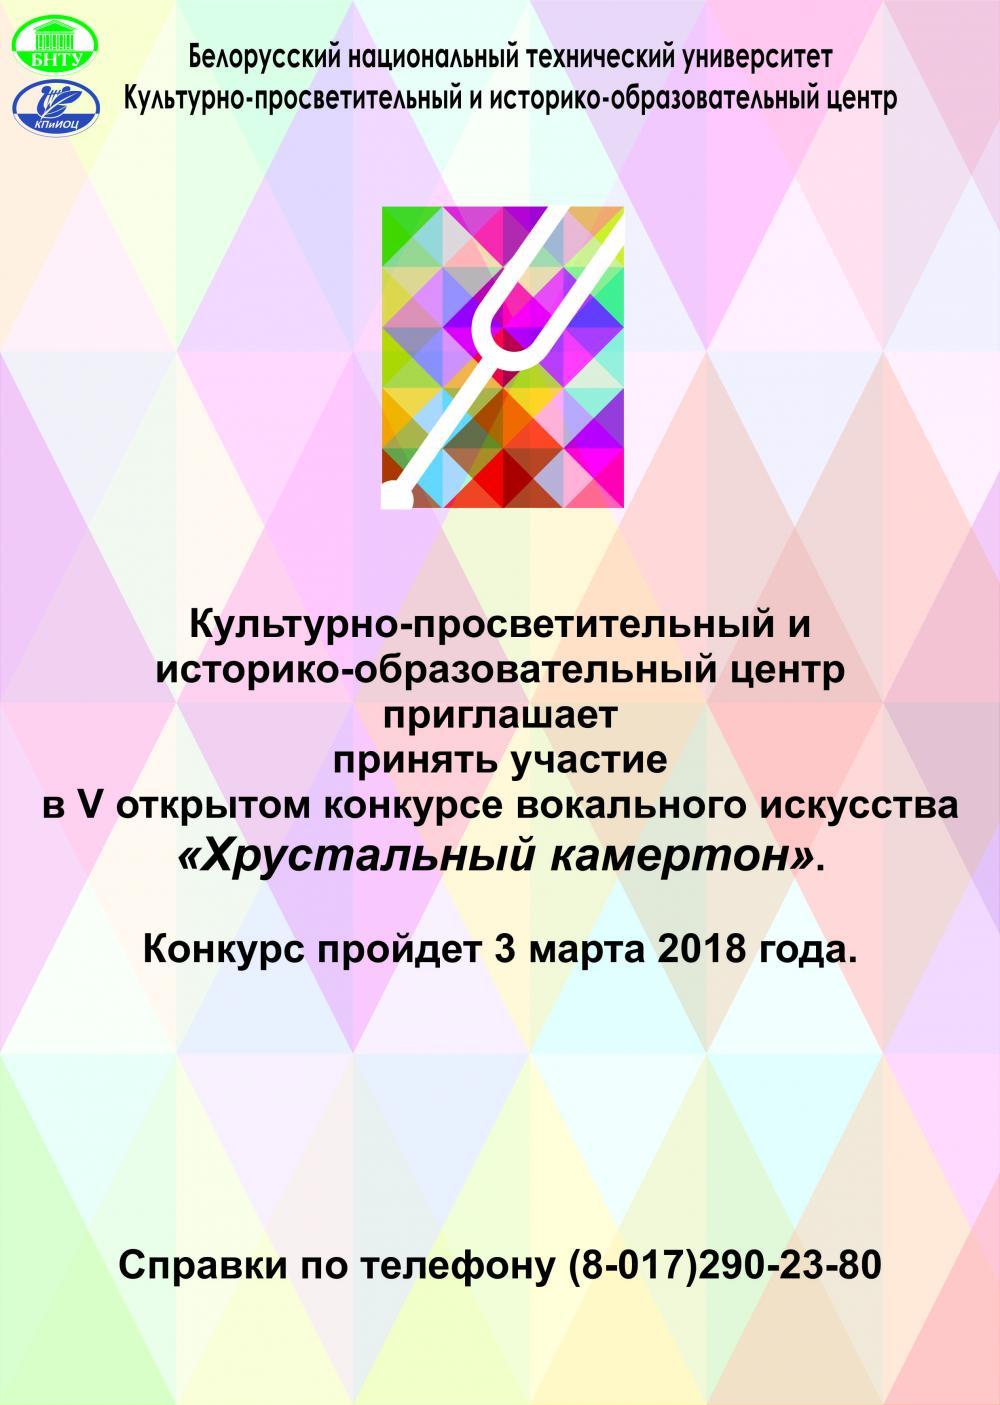 V открытый конкурс вокального искусства «Хрустальный камертон»